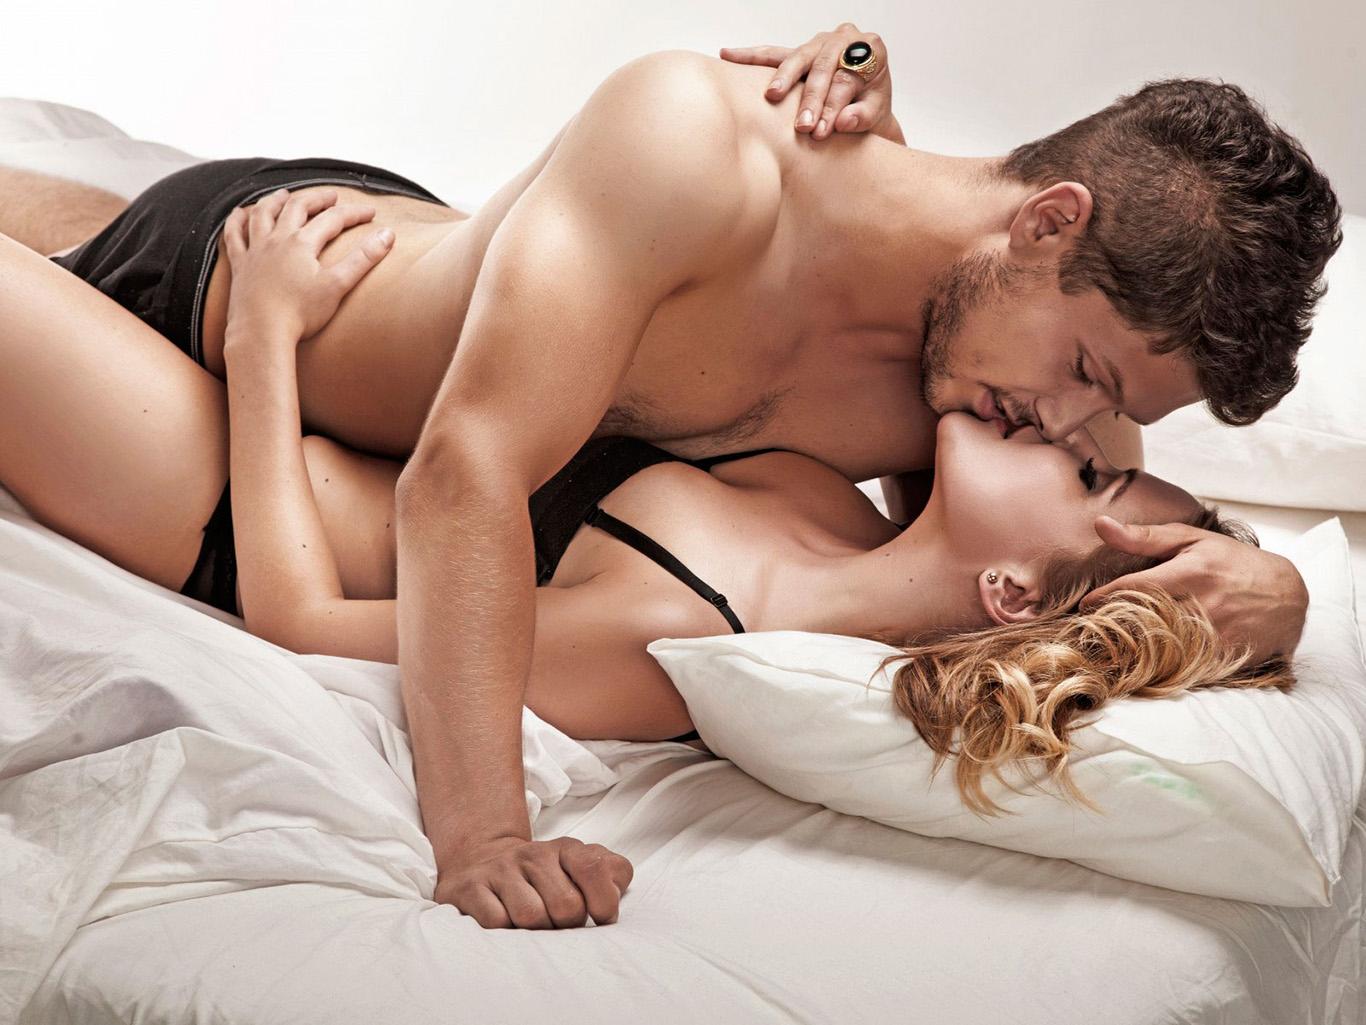 Что есть чтобы продлить секс